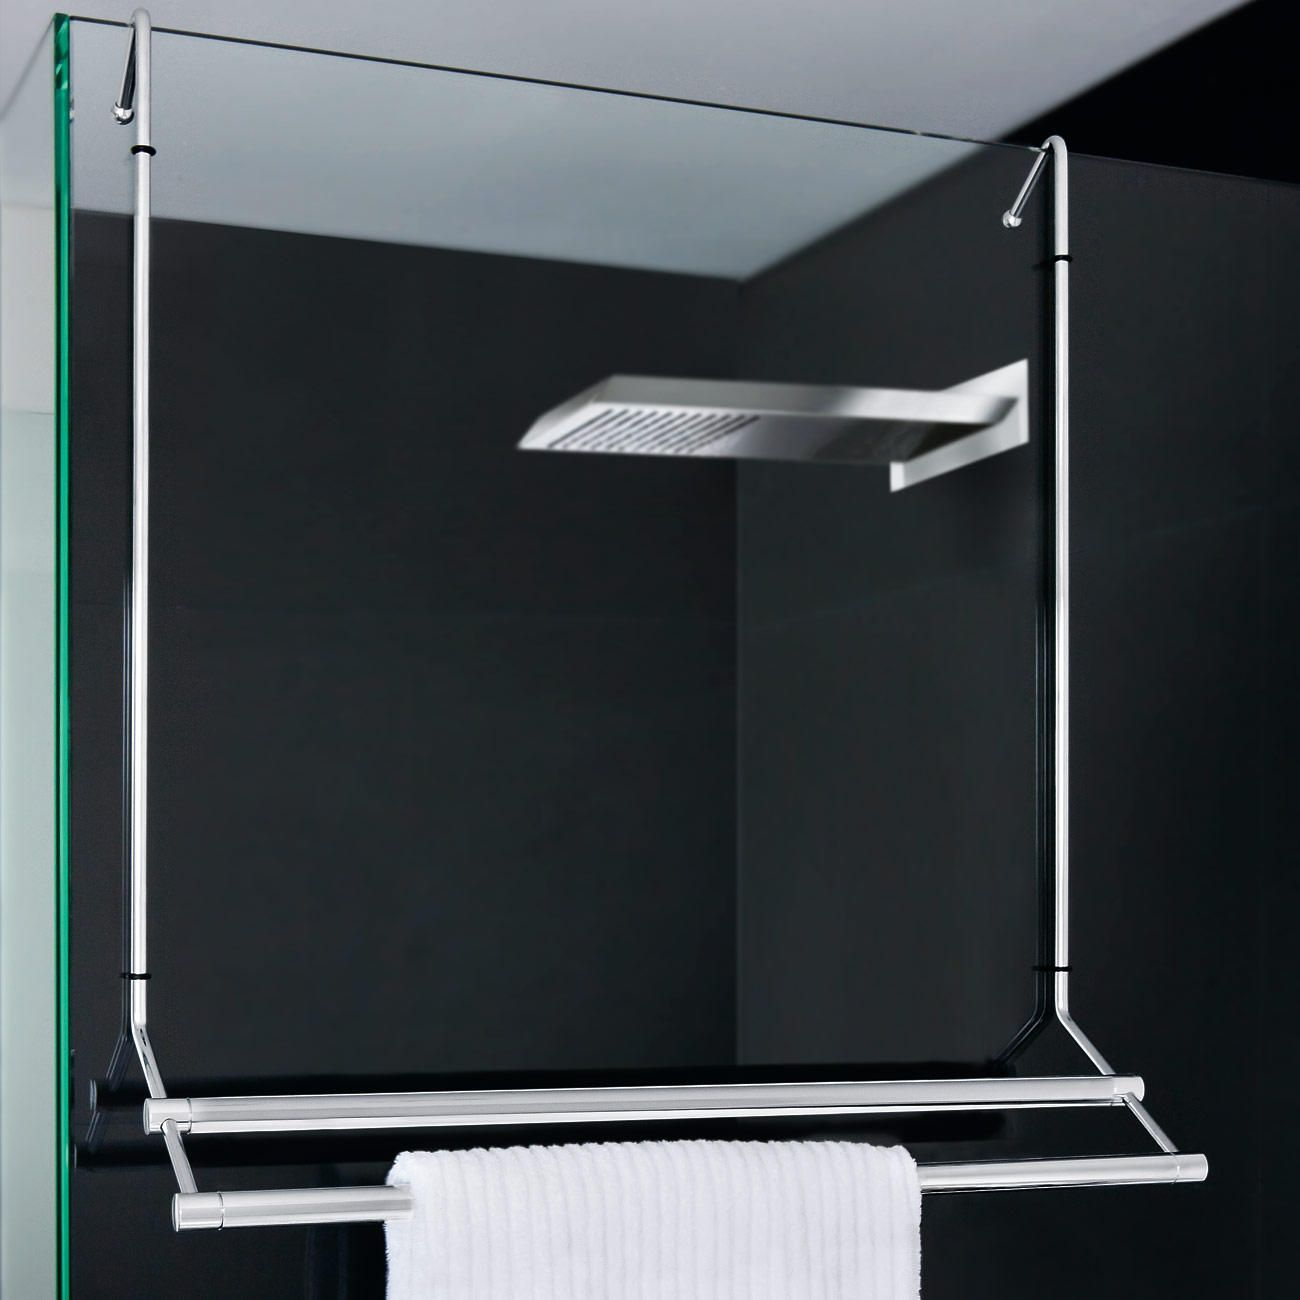 Duschkorb Badetuchhalter Oder Dusch Einhangeregal Gm5